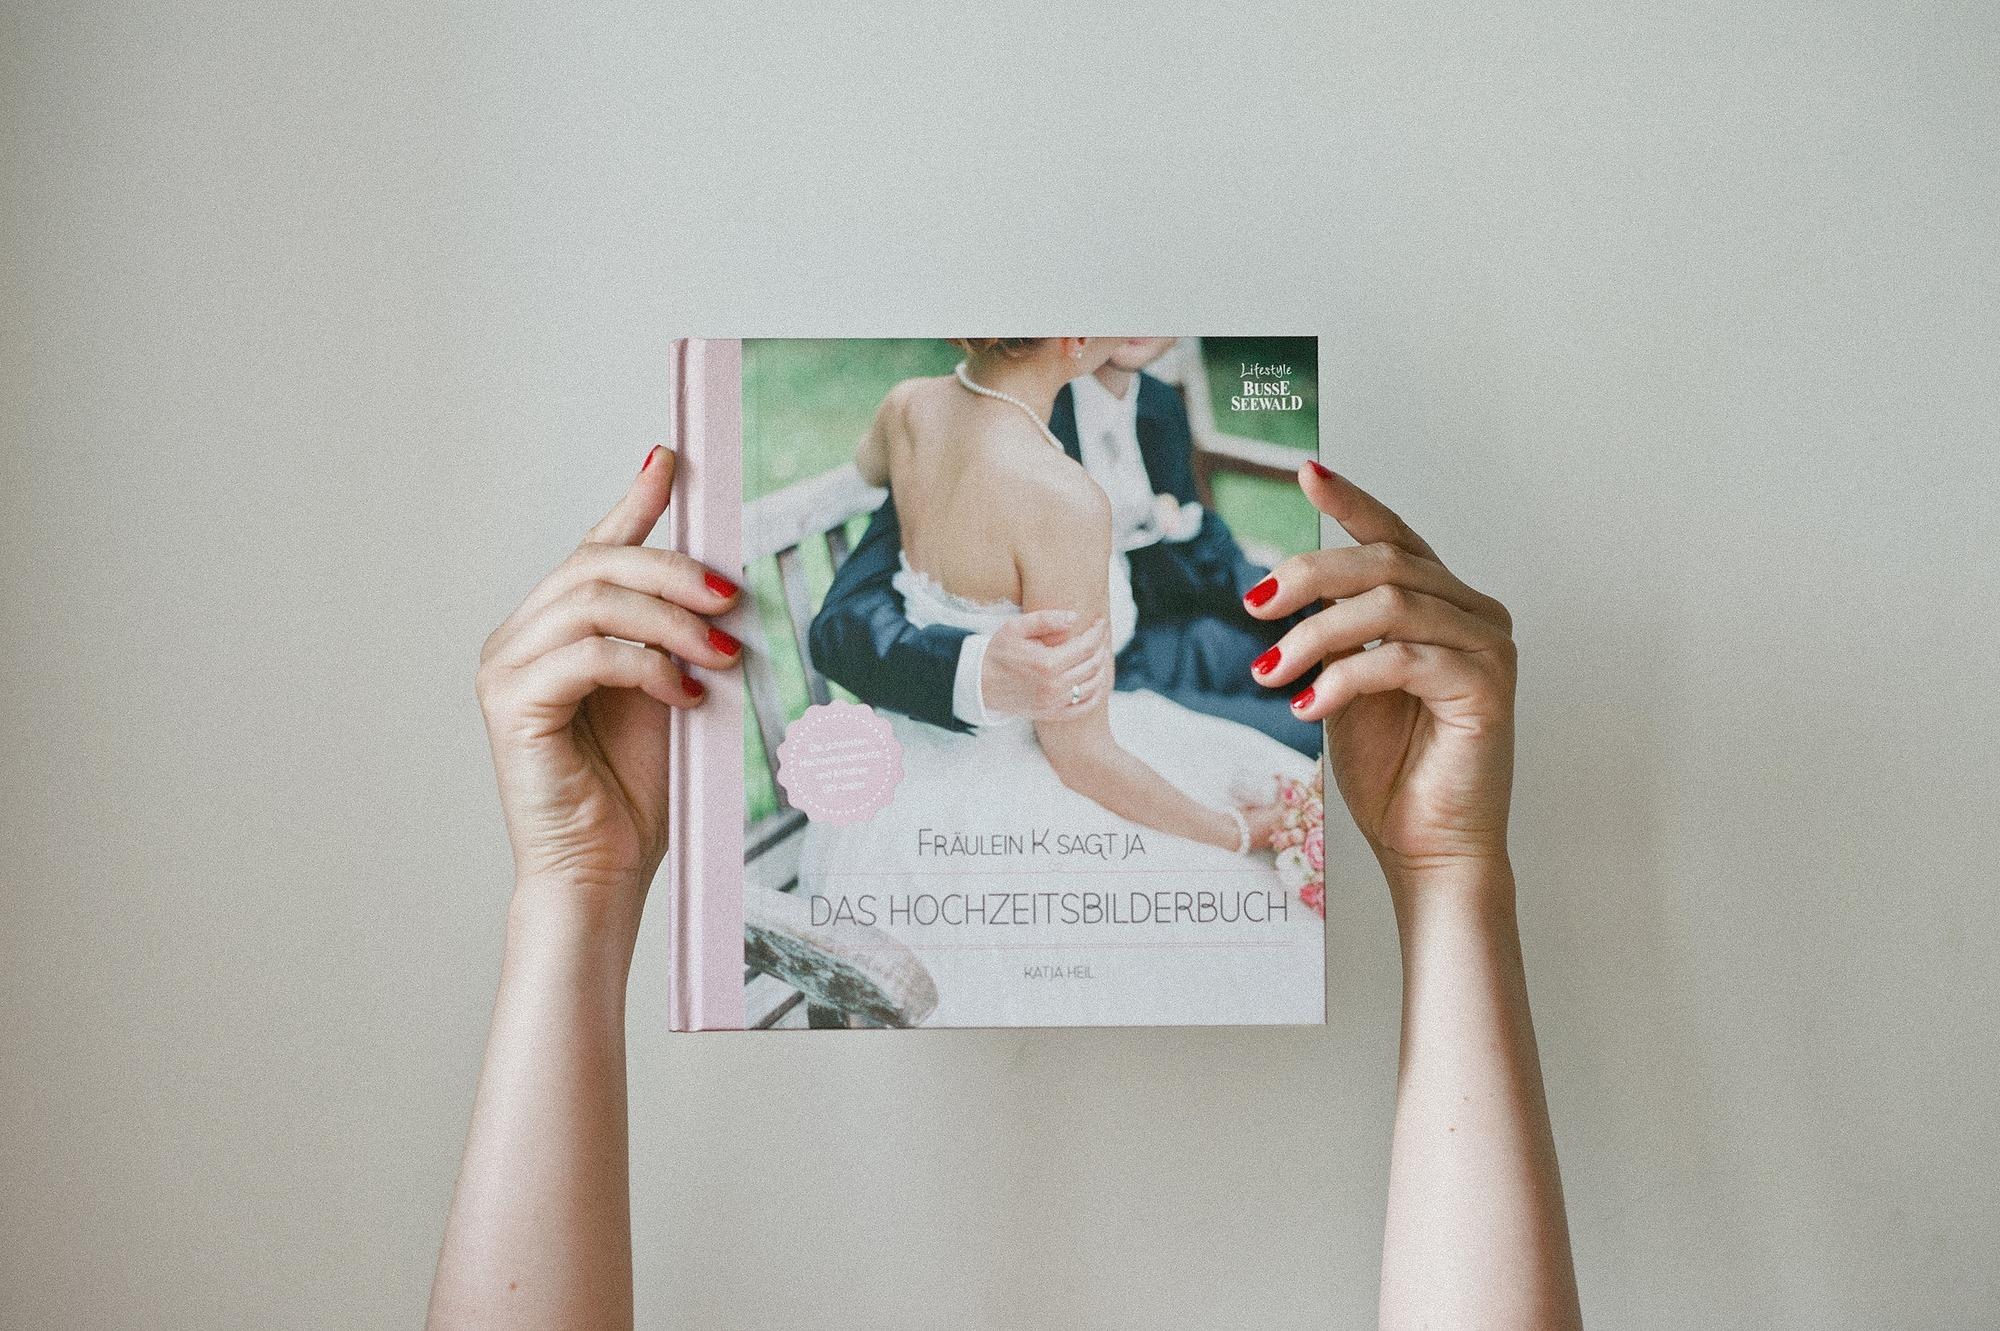 das hochzeitsbilderbuch - diverse stimmungsbilder